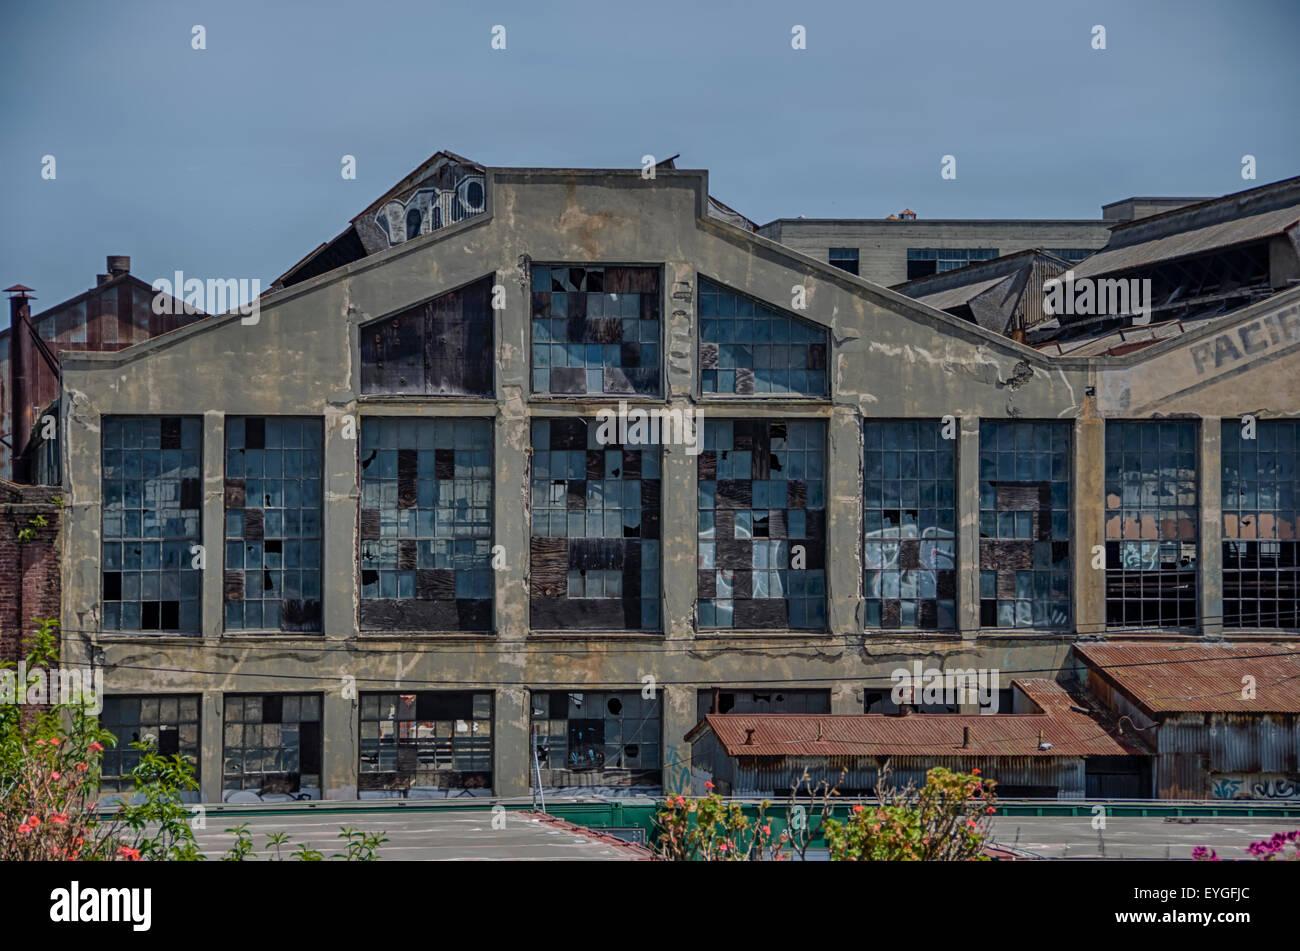 Ruinen und Sehenswürdigkeiten der Stadt mit einer alten Seele - San Francisco Stockbild